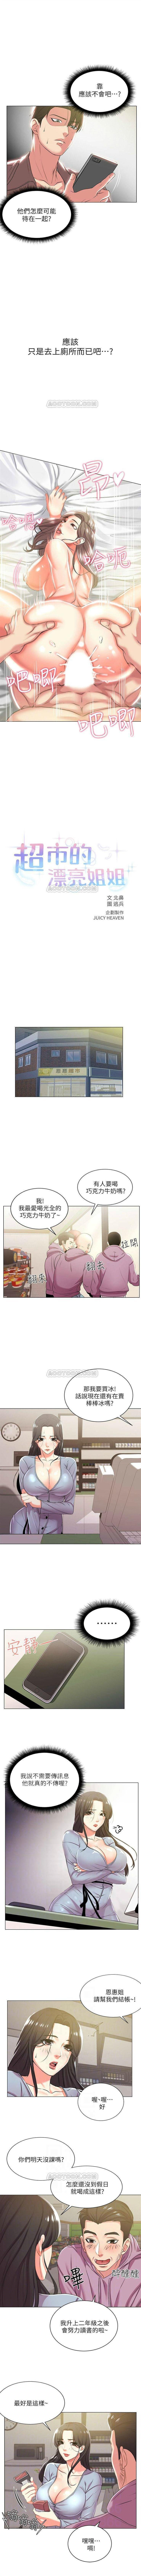 (週3)超市的漂亮姐姐 1-18 中文翻譯(更新中) 70